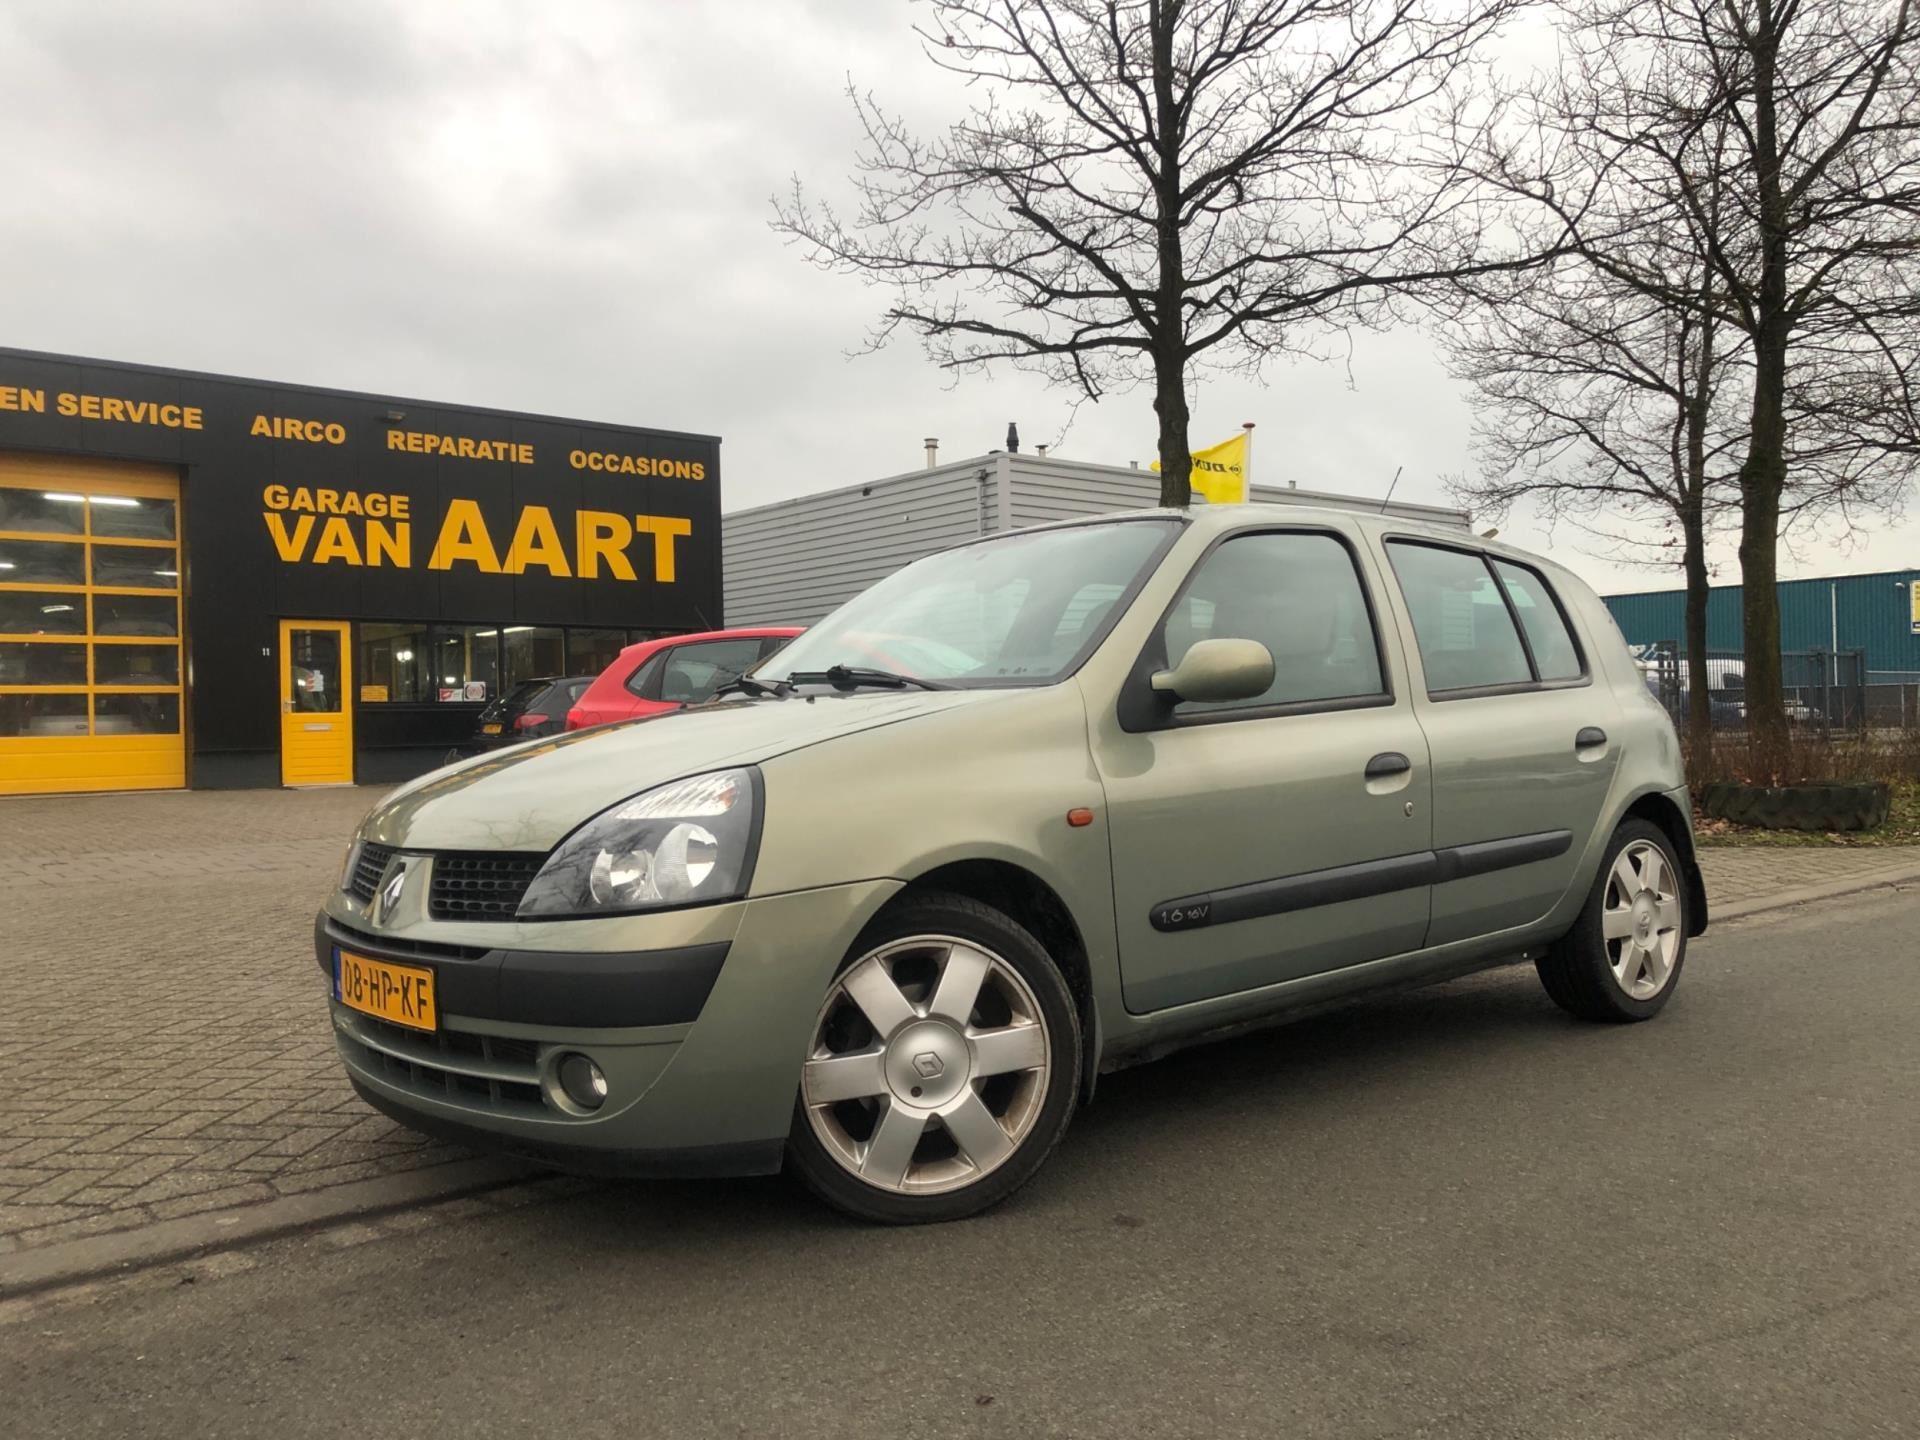 Renault Clio occasion - Garage van Aart